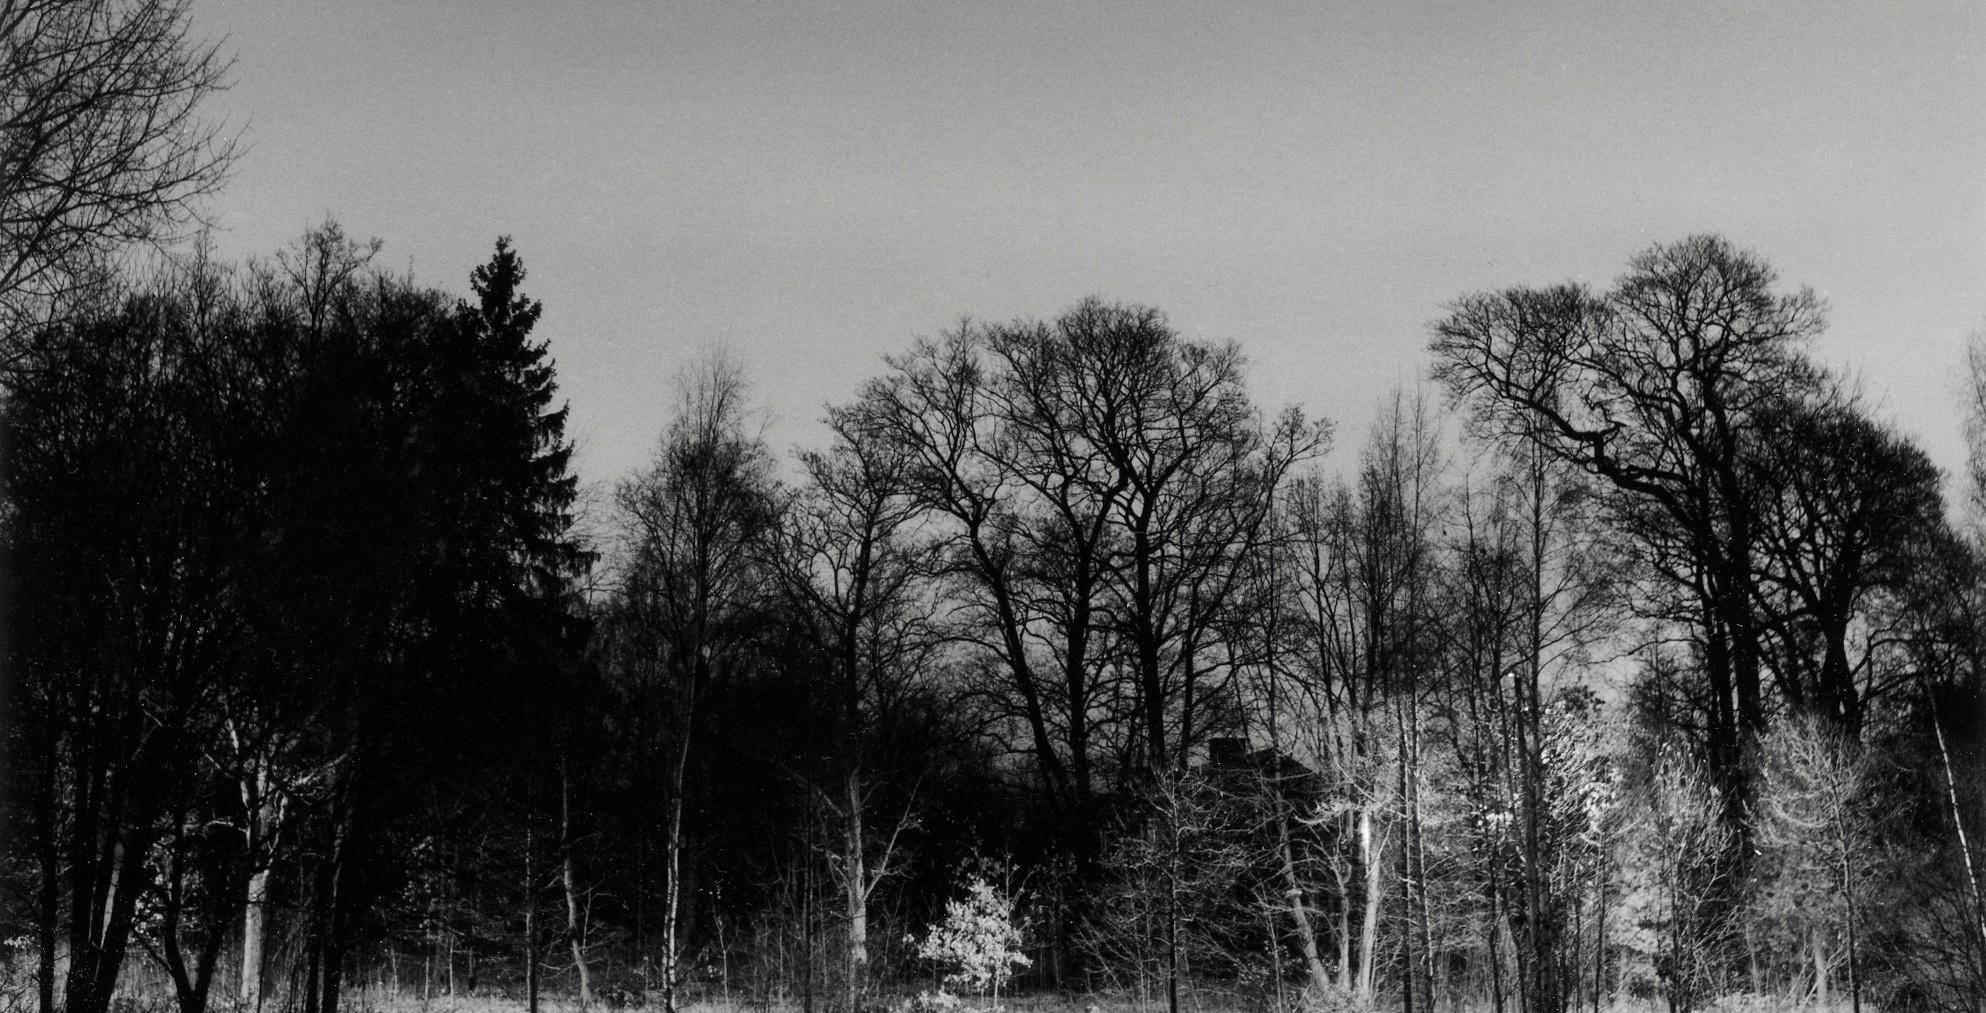 Yksityiskohta valokuvataiteilija Martti Jämsän teoksesta.